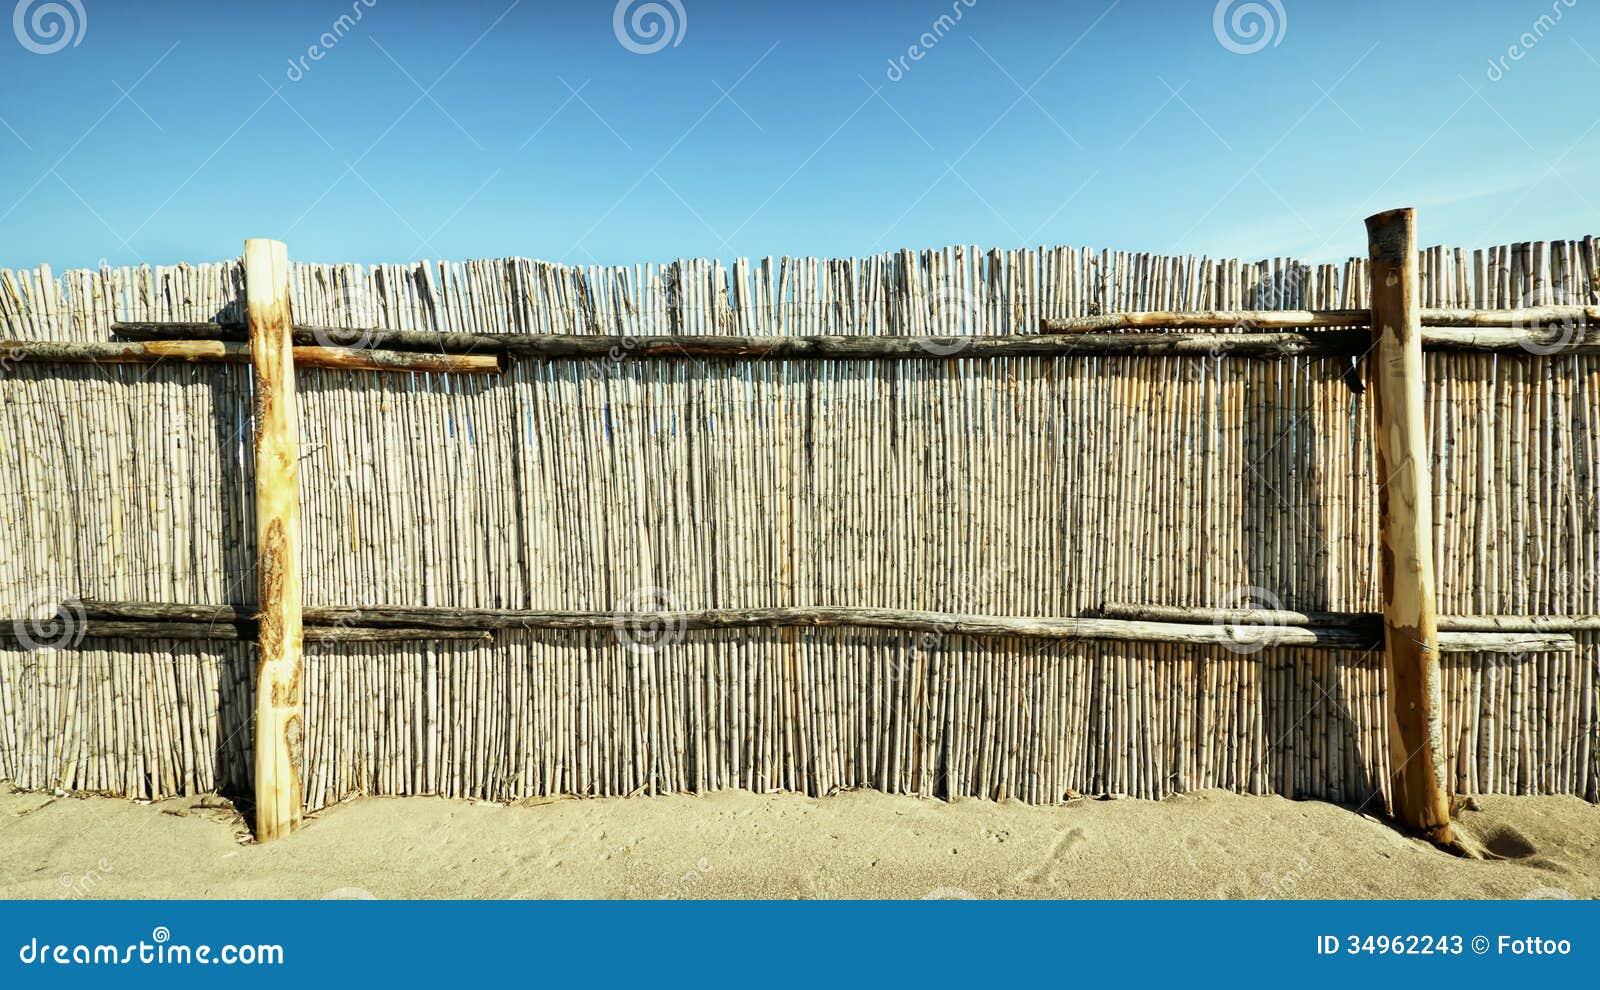 Zaun Stockbild Bild Von Zaun Teil Bambus Stamm Rustic 34962243